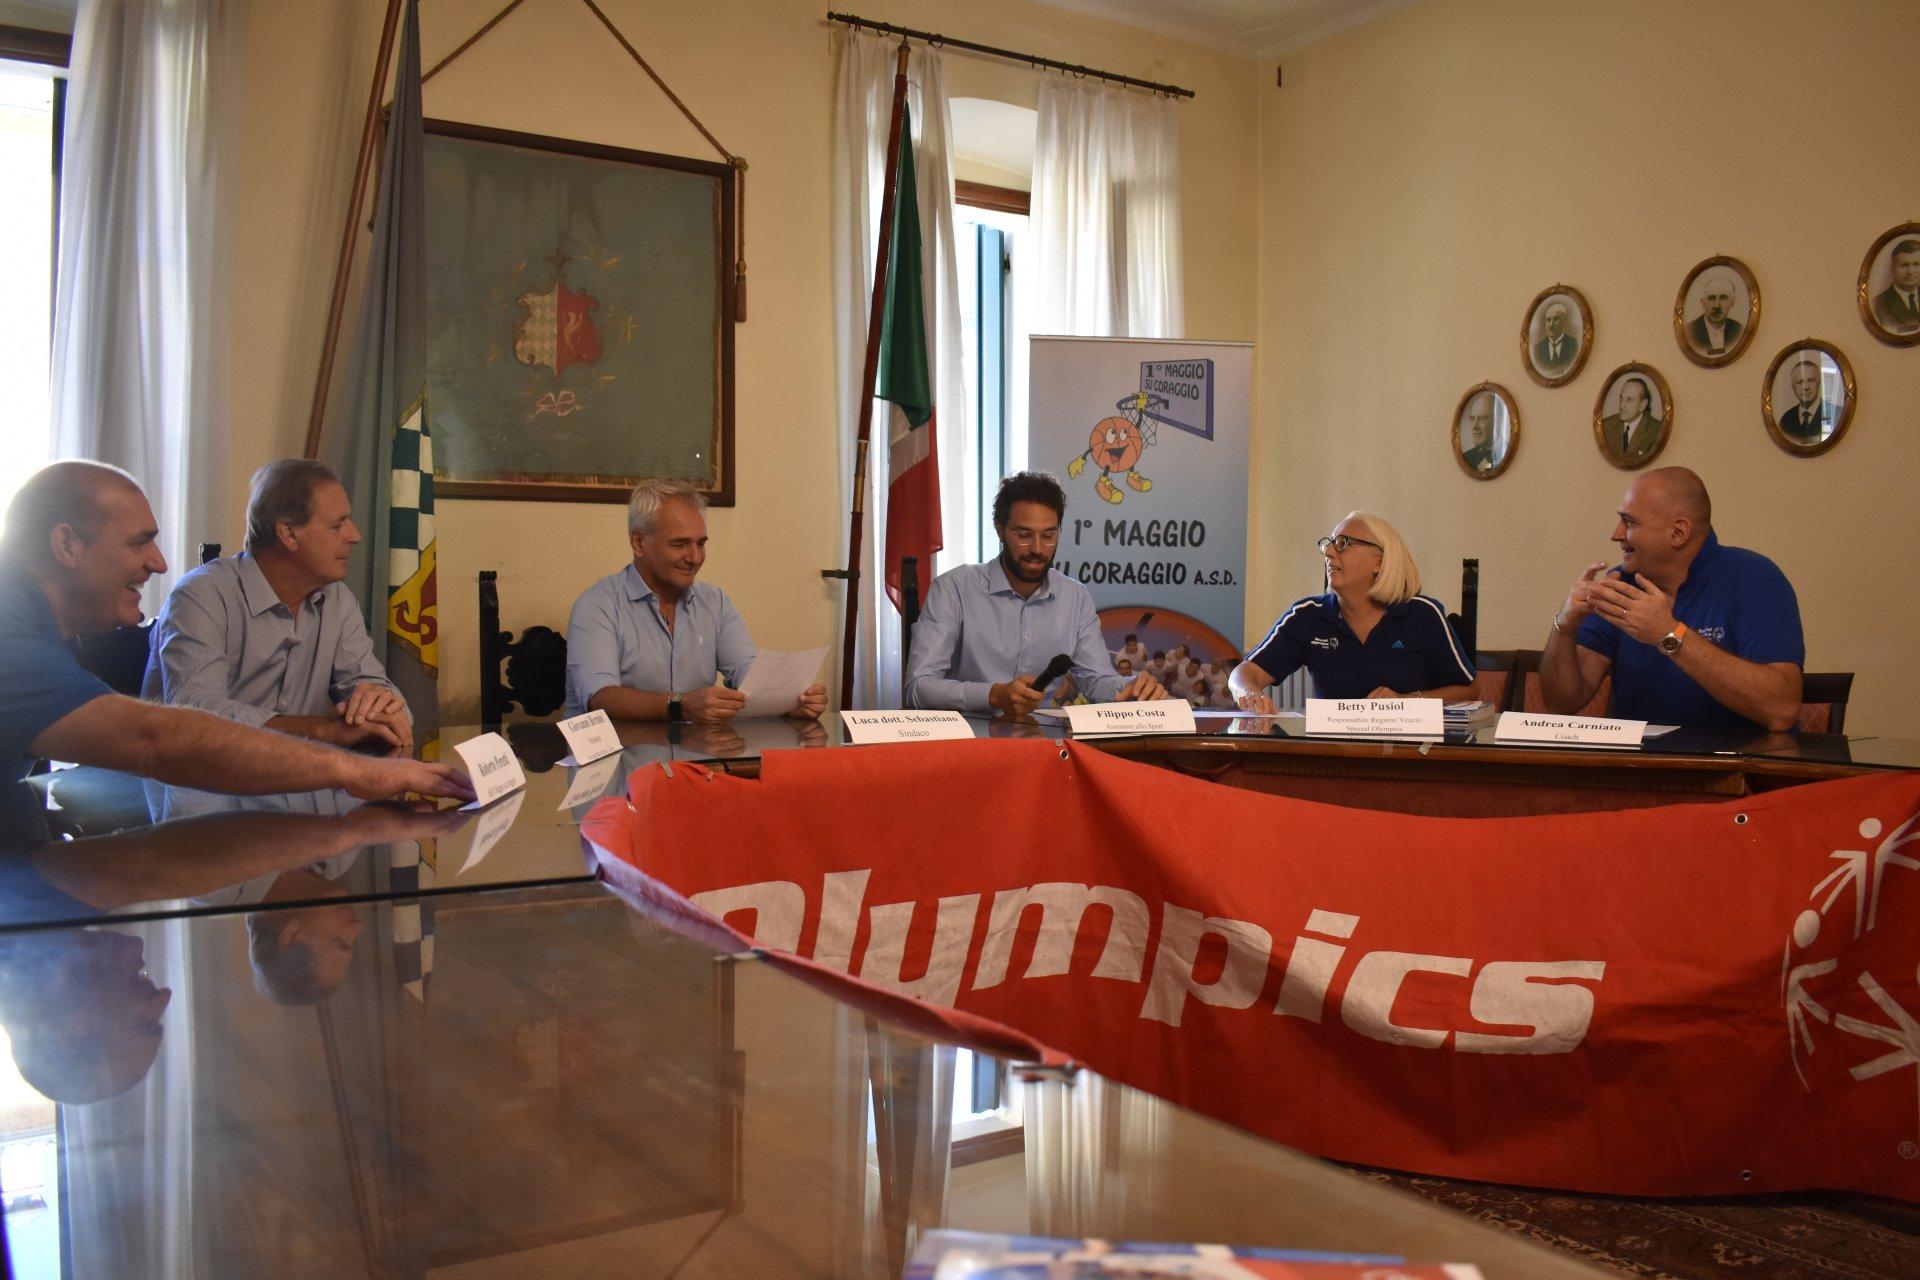 Special Olympics sul lago di Garda. A Lazise il collegiale della nazionale di basket in preparazione ai giochi mondiali di Abu Dhabi di marzo 2019.